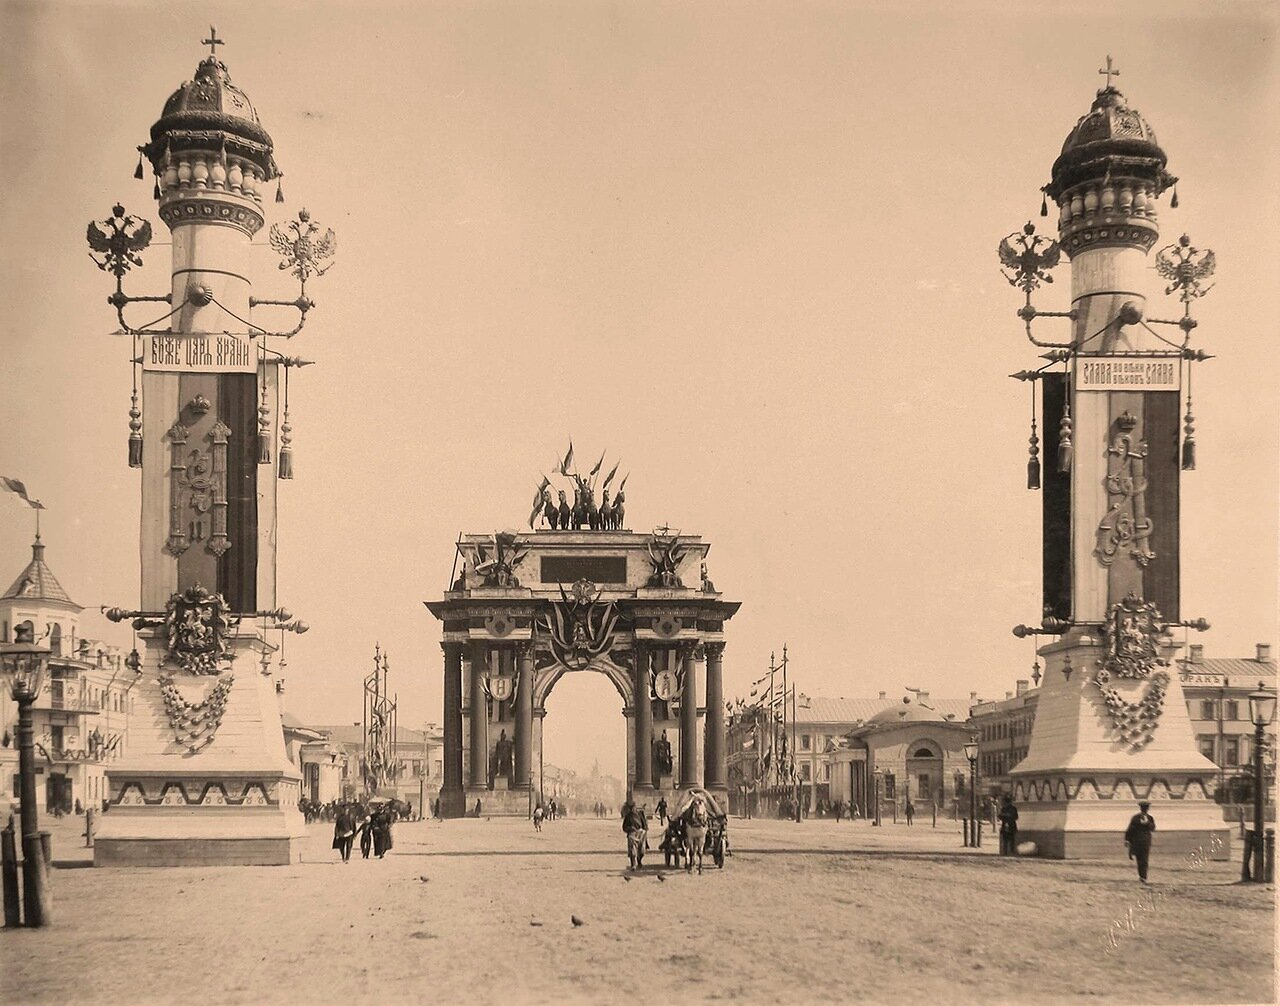 Вид празднично украшенных Триумфальных ворот на площади Тверской заставы; с двух сторон ворот - иллюминированные колонны, увенчанные скульптурными изображениями шапок Мономаха